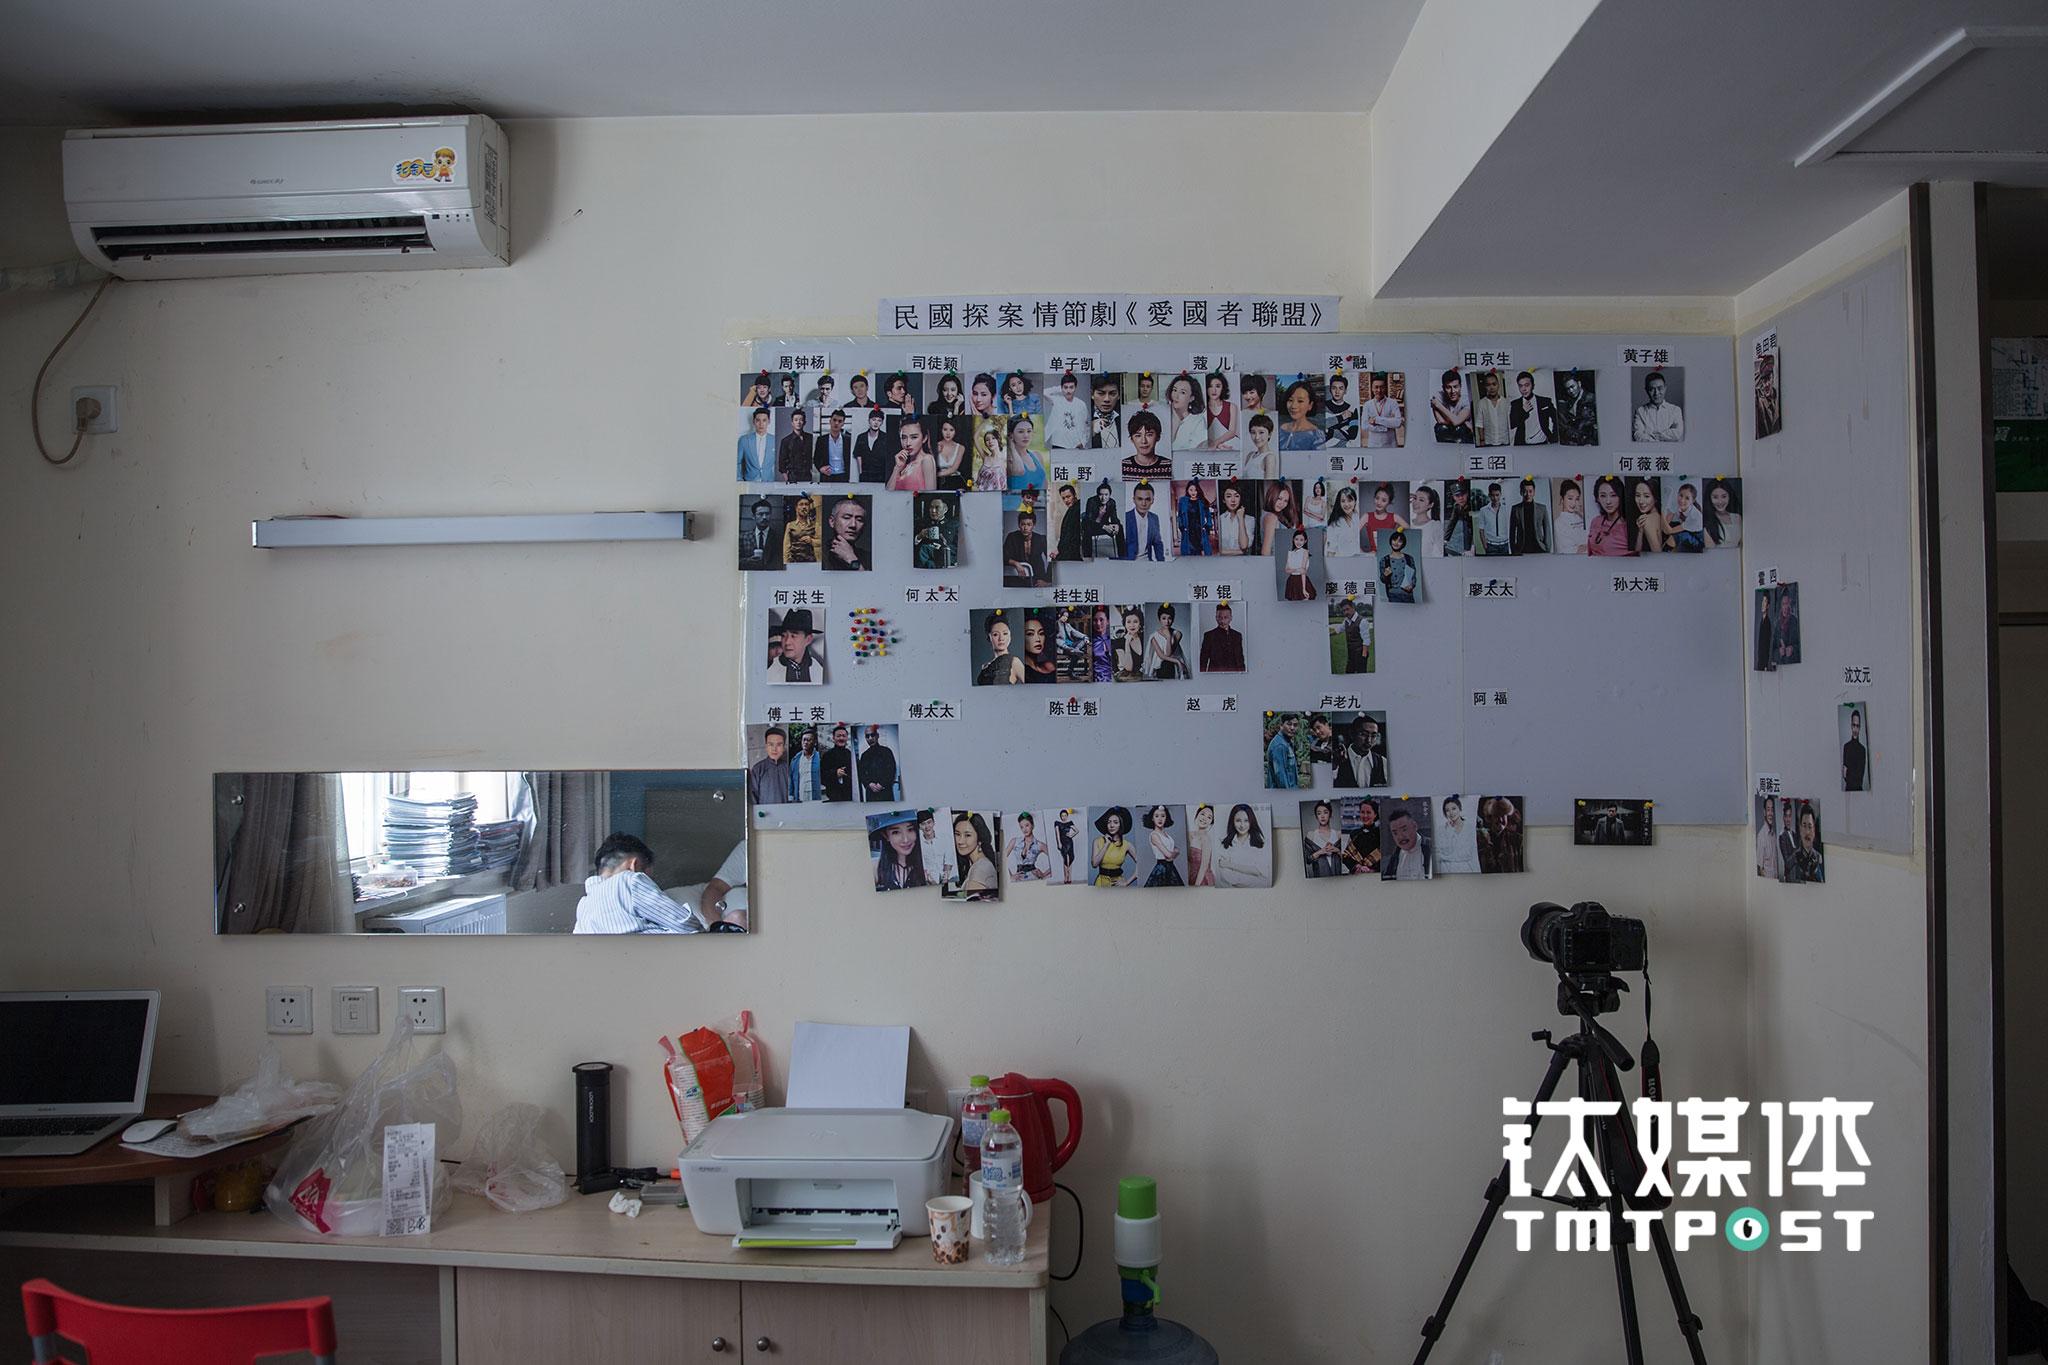 除了网络大电影,一些网剧也会在飘HOME进行前期筹备。一部名为《爱国者联盟》的剧集筹备处所在的房间,墙上贴着部分备选或已确定的演员照片。